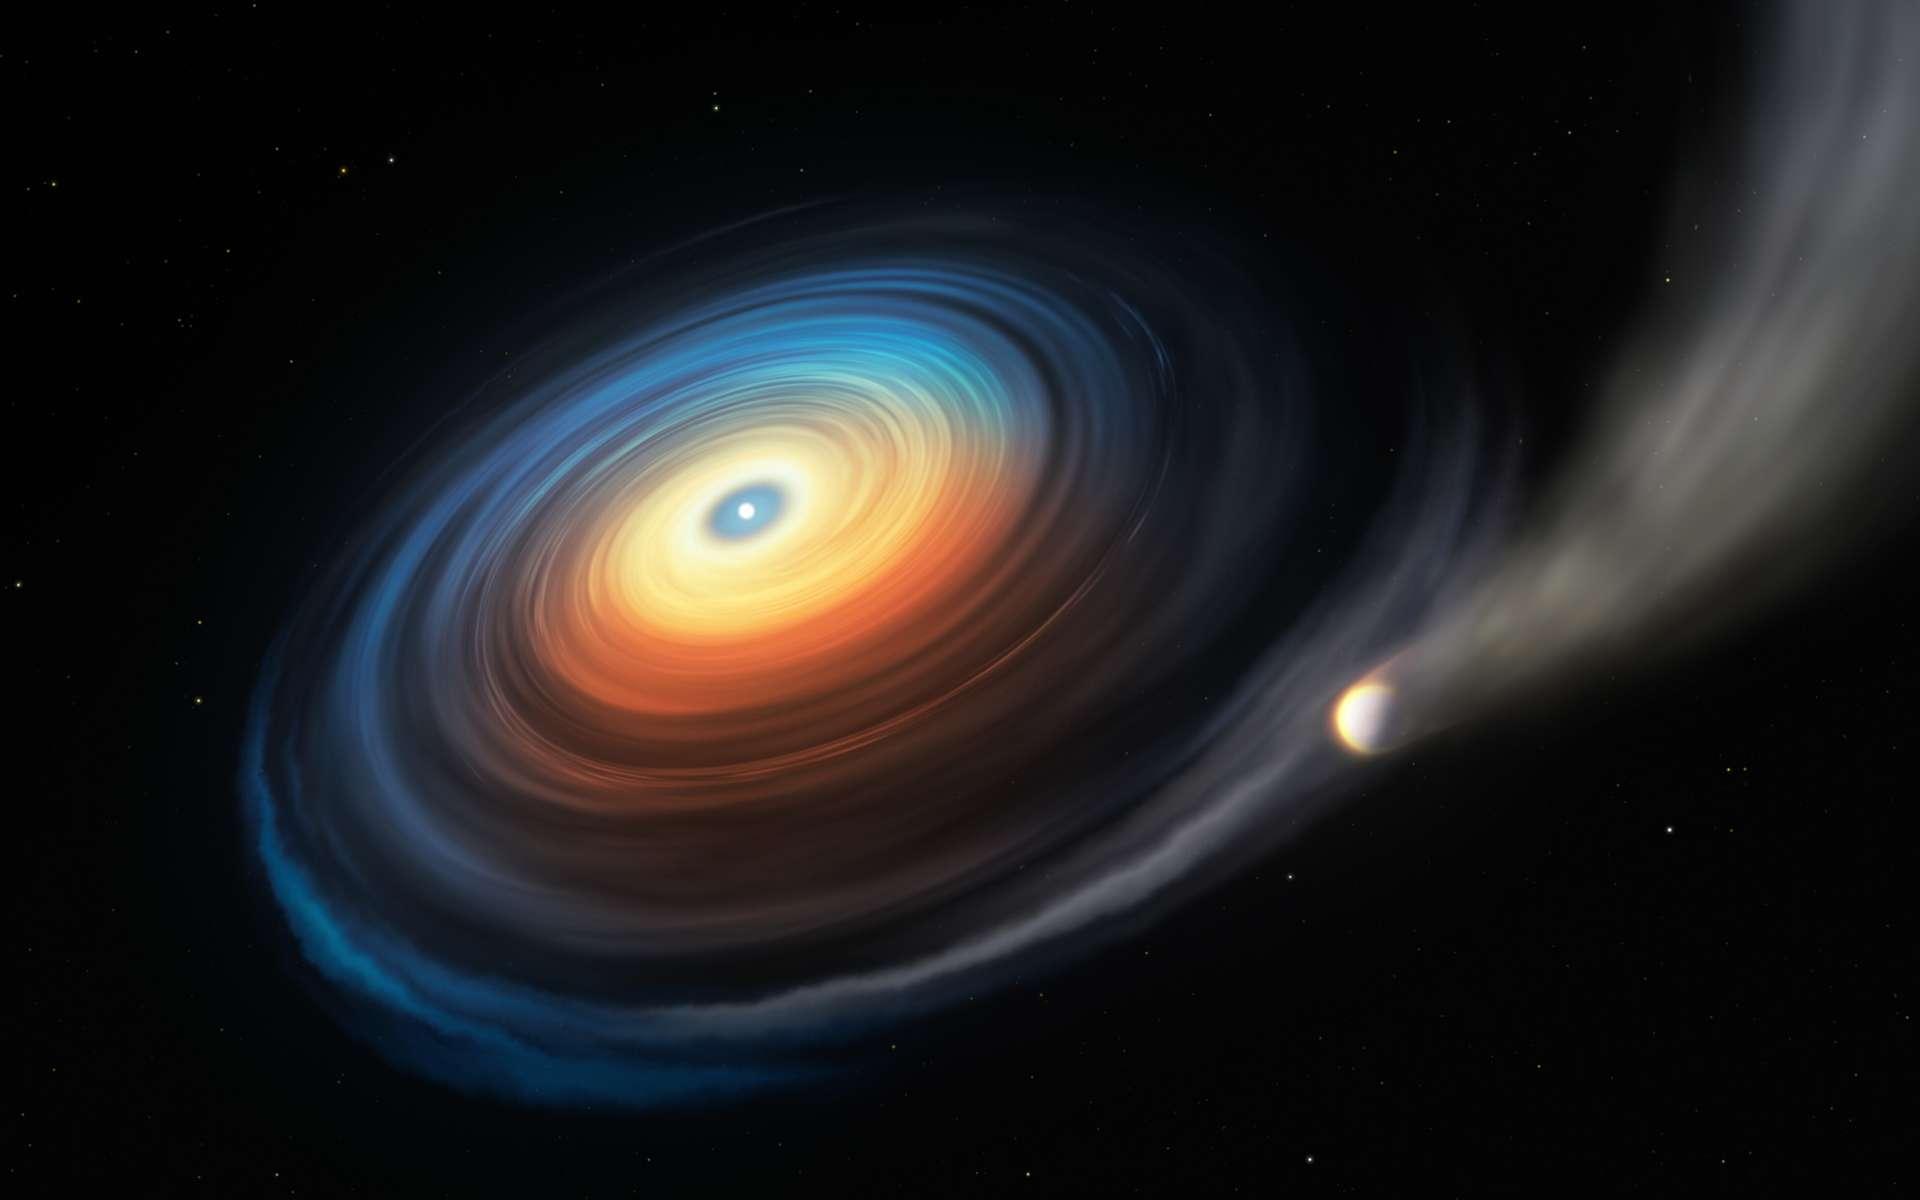 Sur cette vue d'artiste, figurent la naine blanche WDJ0914+1914 et son exoplanète de type Neptune. Parce que cette géante glacée orbite à proximité directe de la naine blanche chaude, l'intense rayonnement ultraviolet en provenance de l'étoile expulse l'atmosphère planétaire. La majorité du gaz éjecté s'échappe, le reste se concentre en un disque tourbillonnant autour de la naine blanche. © M. Kornmesser, ESO